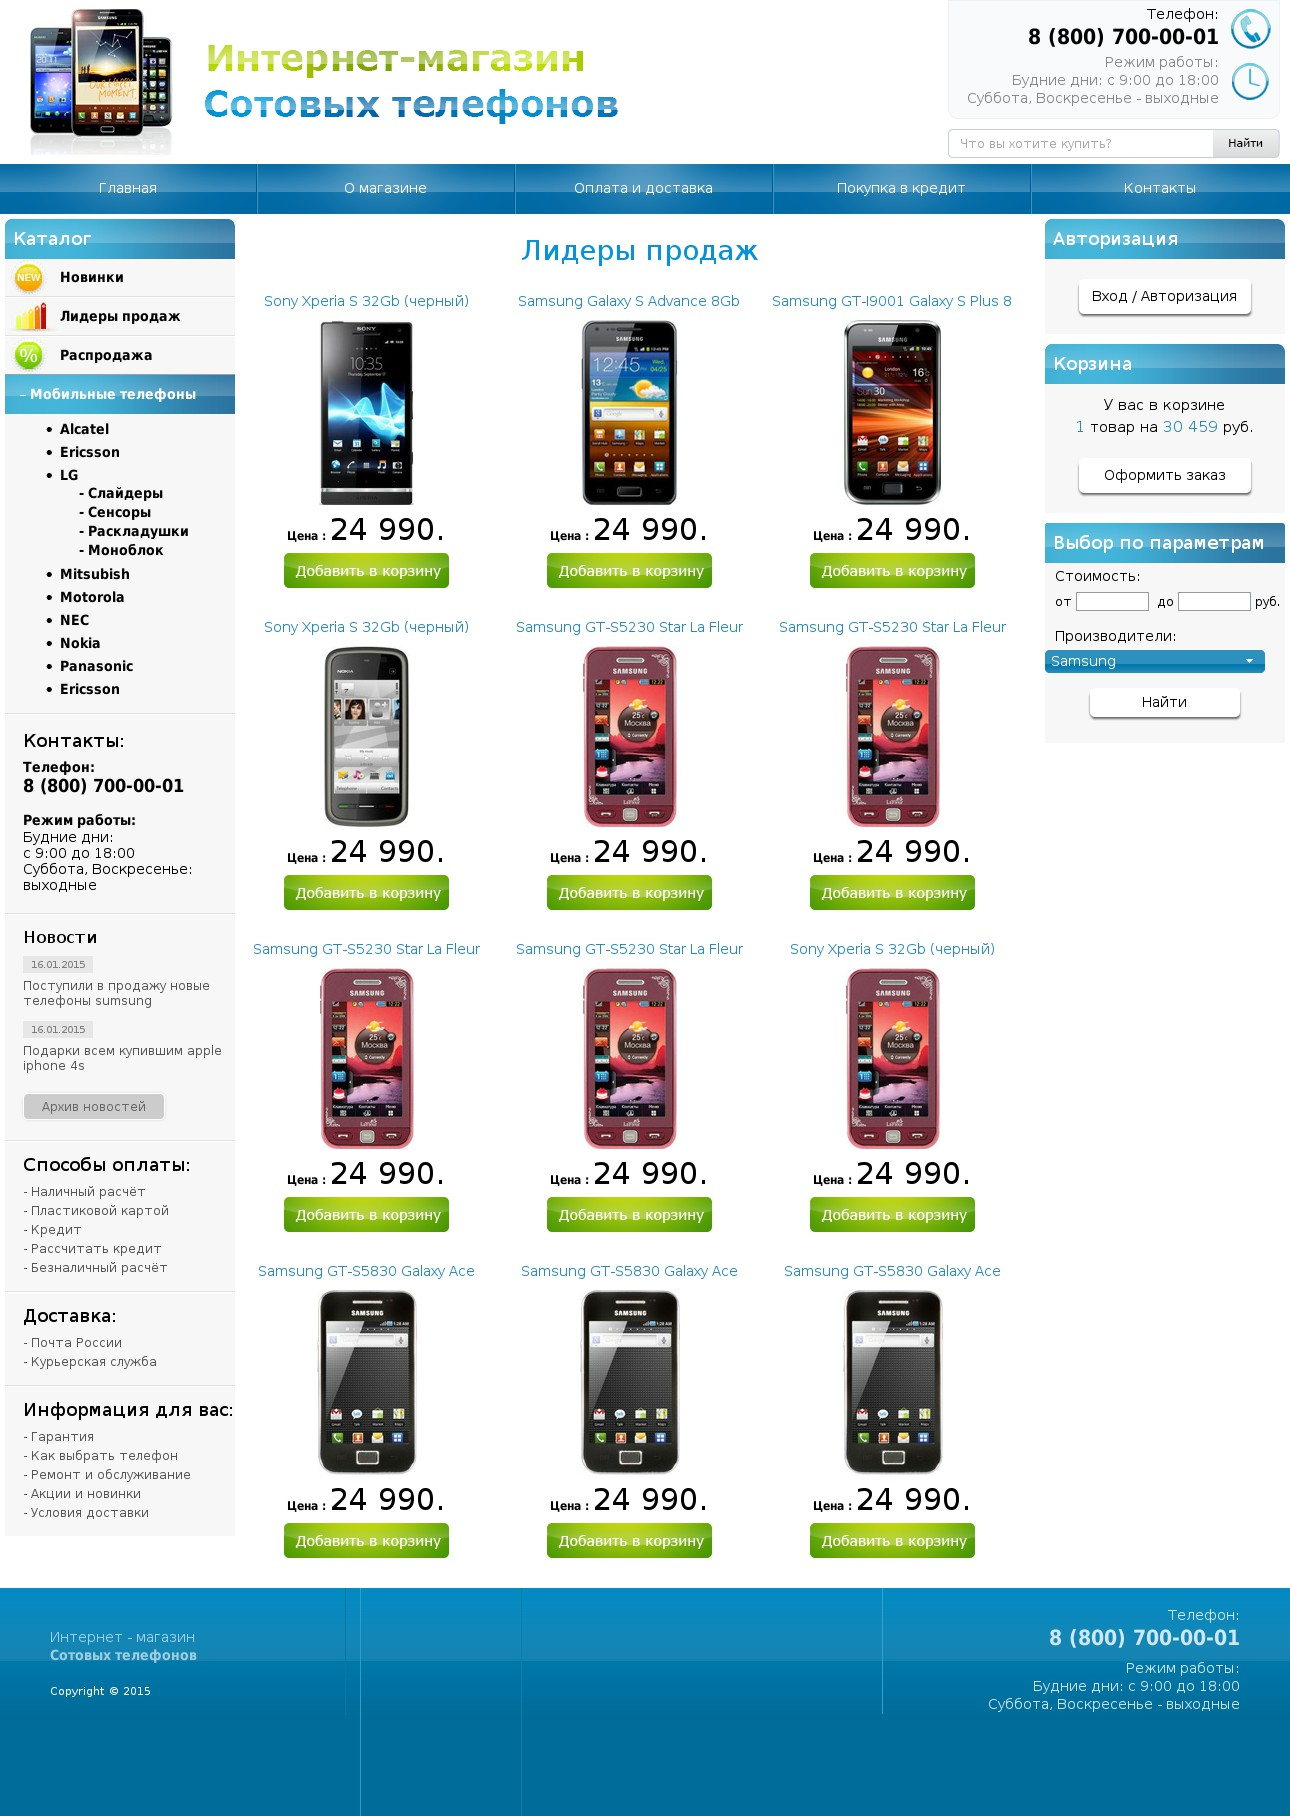 Сайты Интернет Магазинов Сотовых Телефонов